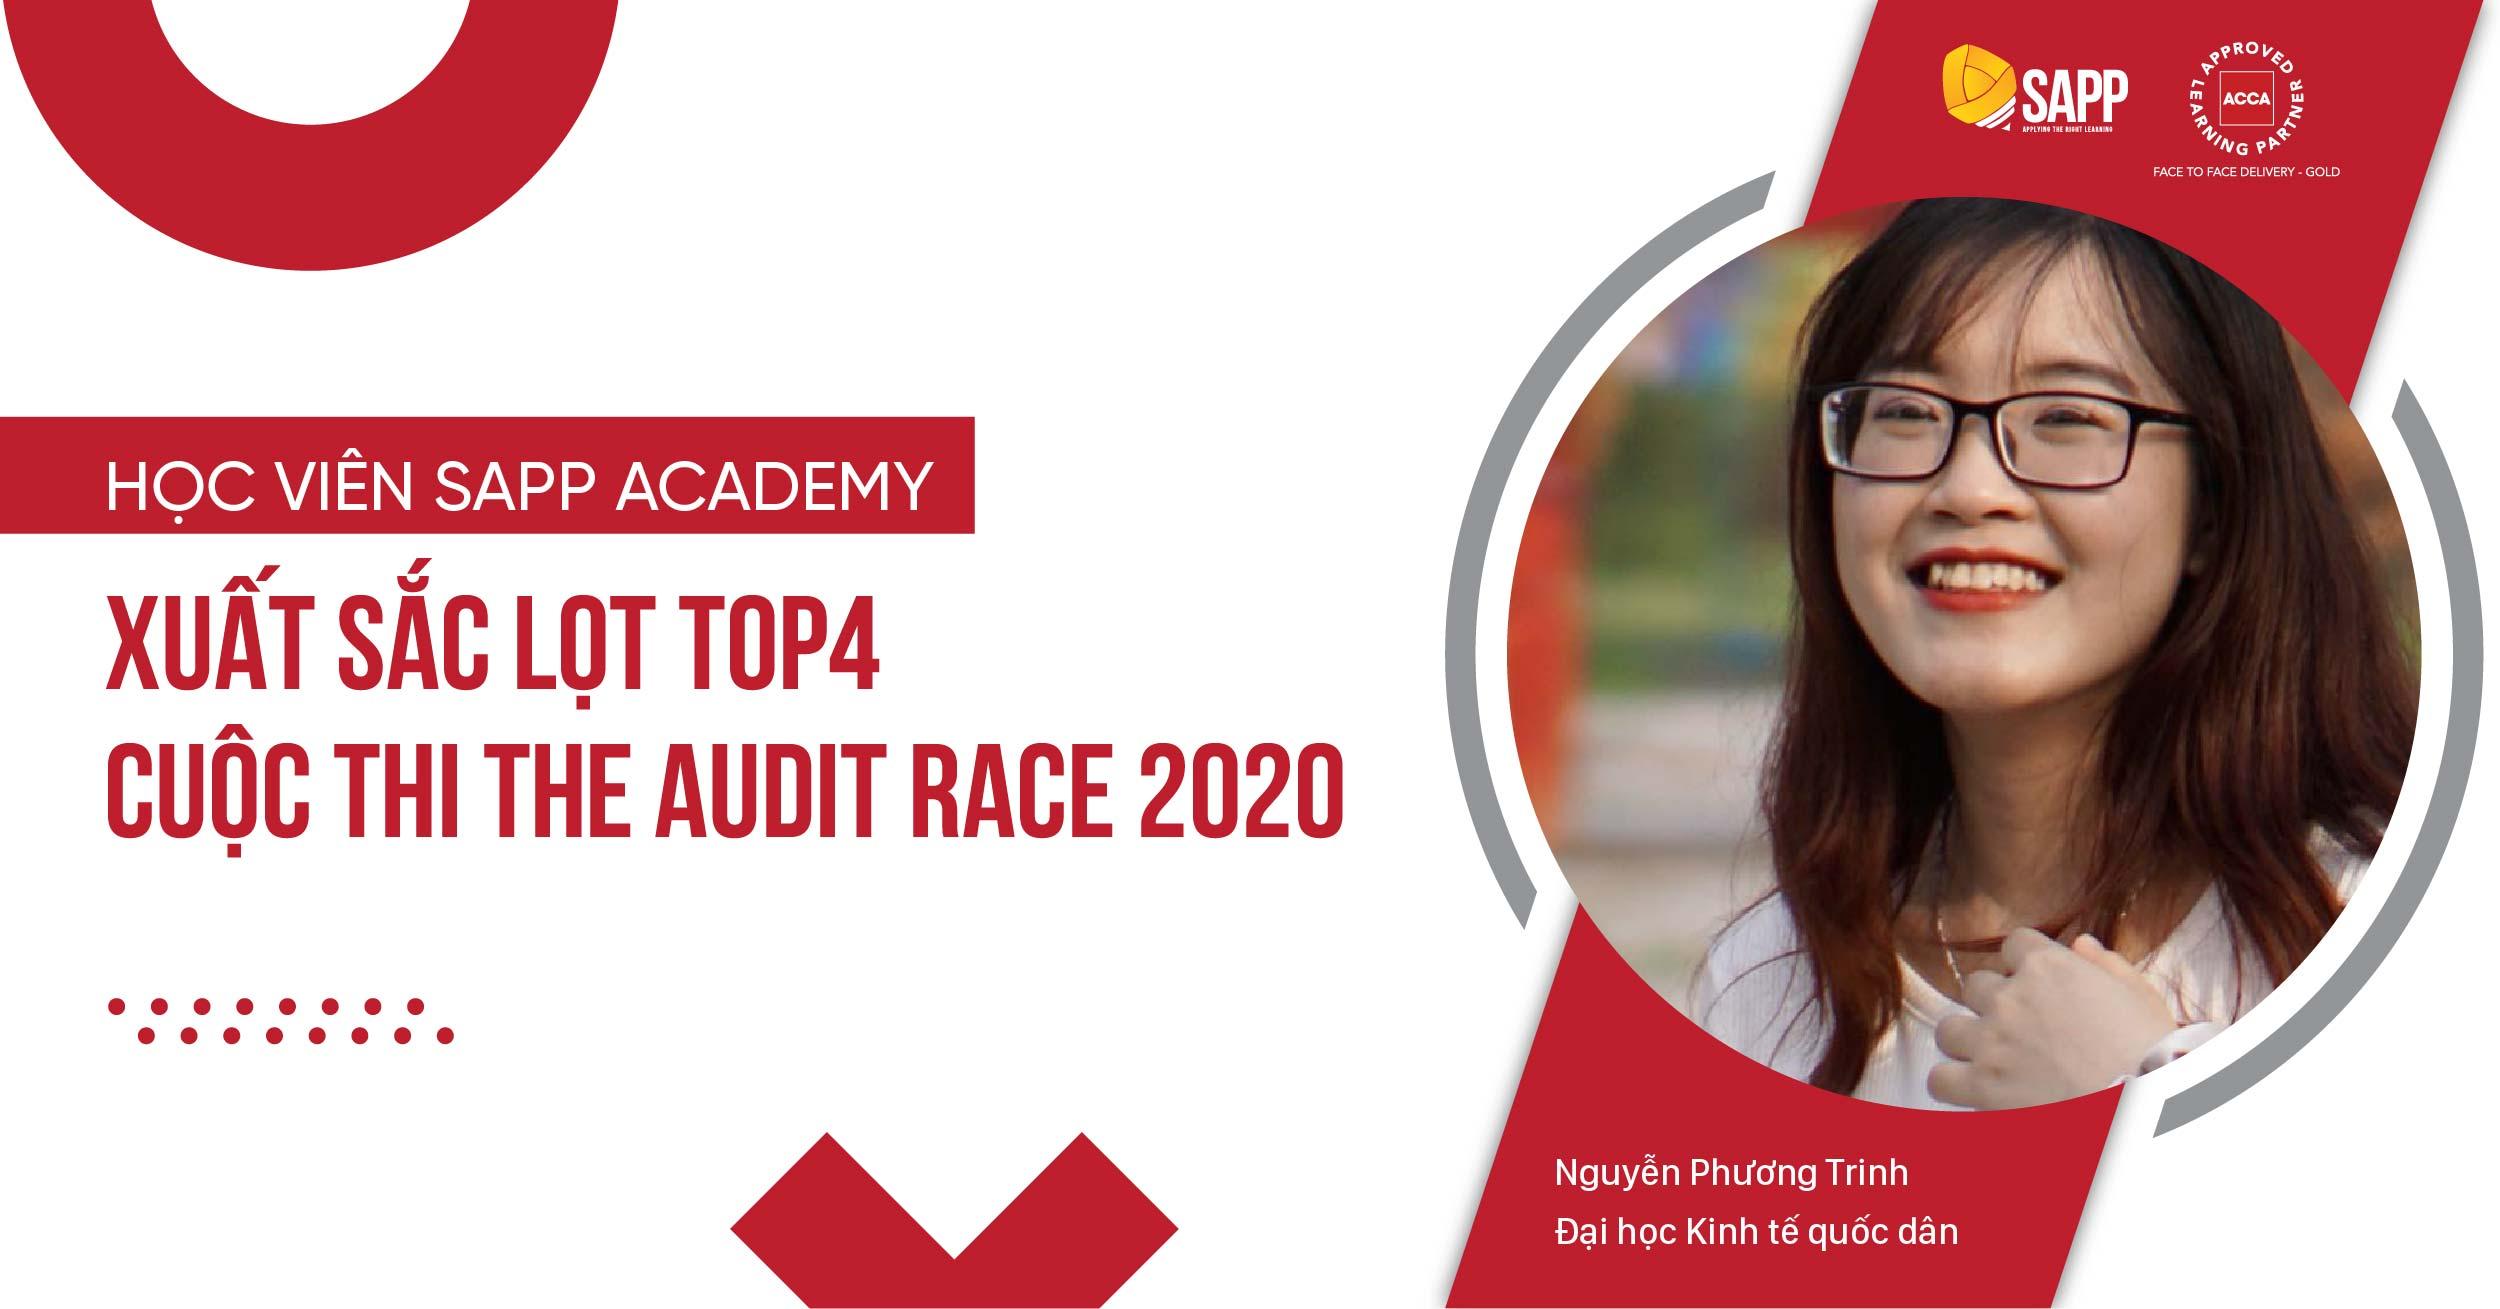 Học viên SAPP Academy xuất sắc lọt TOP4 cuộc thi The Audit Race 2020